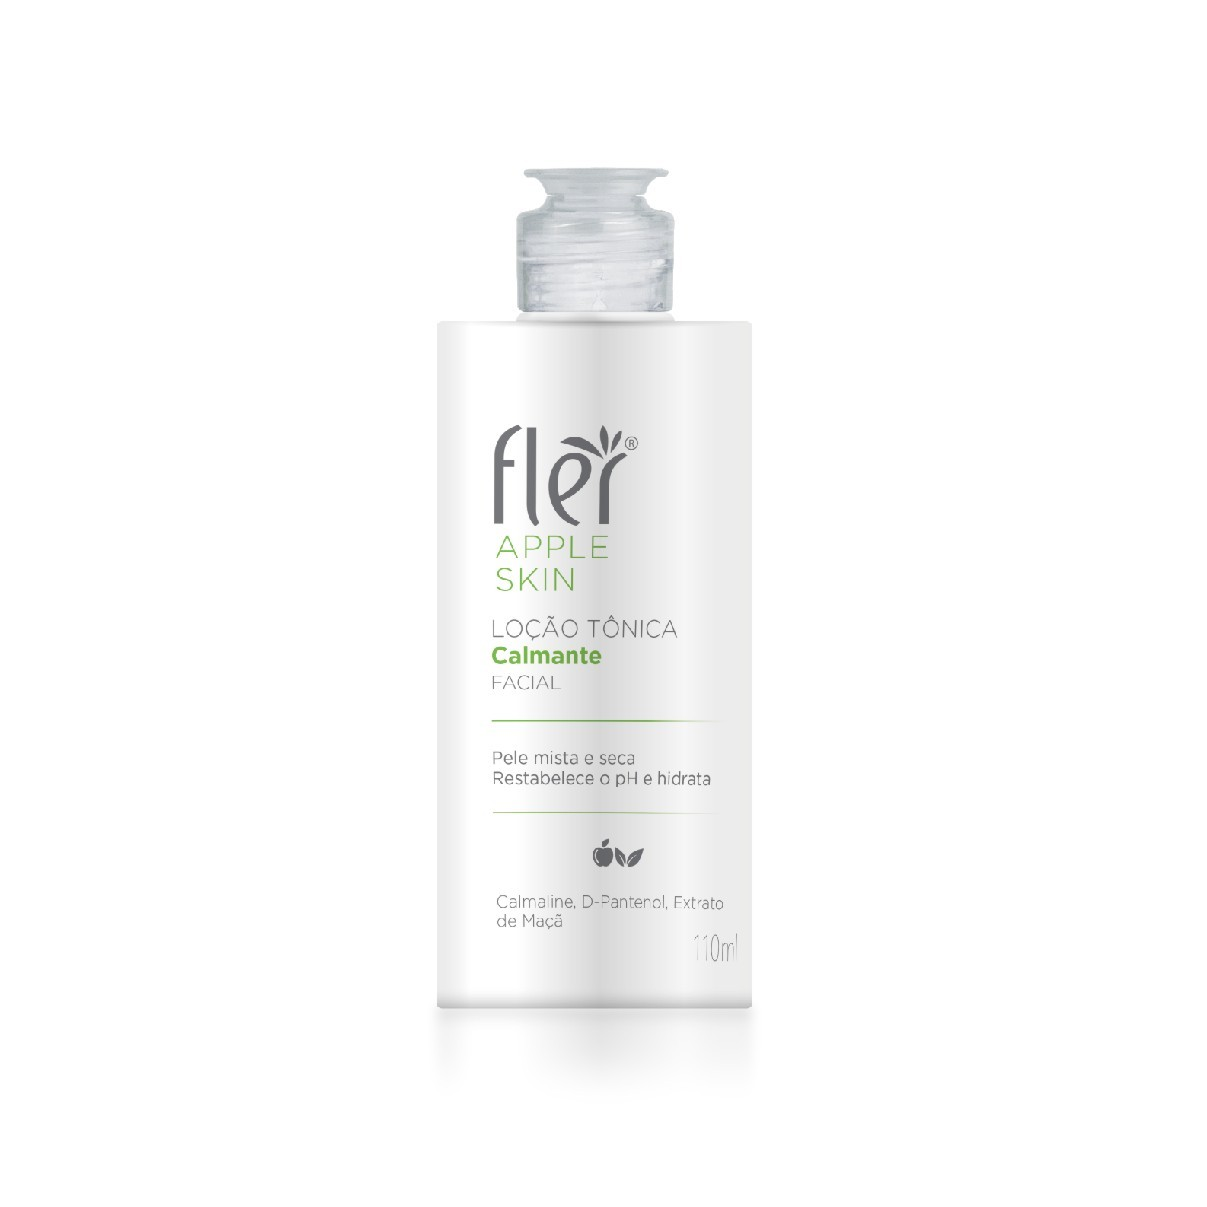 Loção Tônica Calmante Facial Apple Skin 110ml - Fler